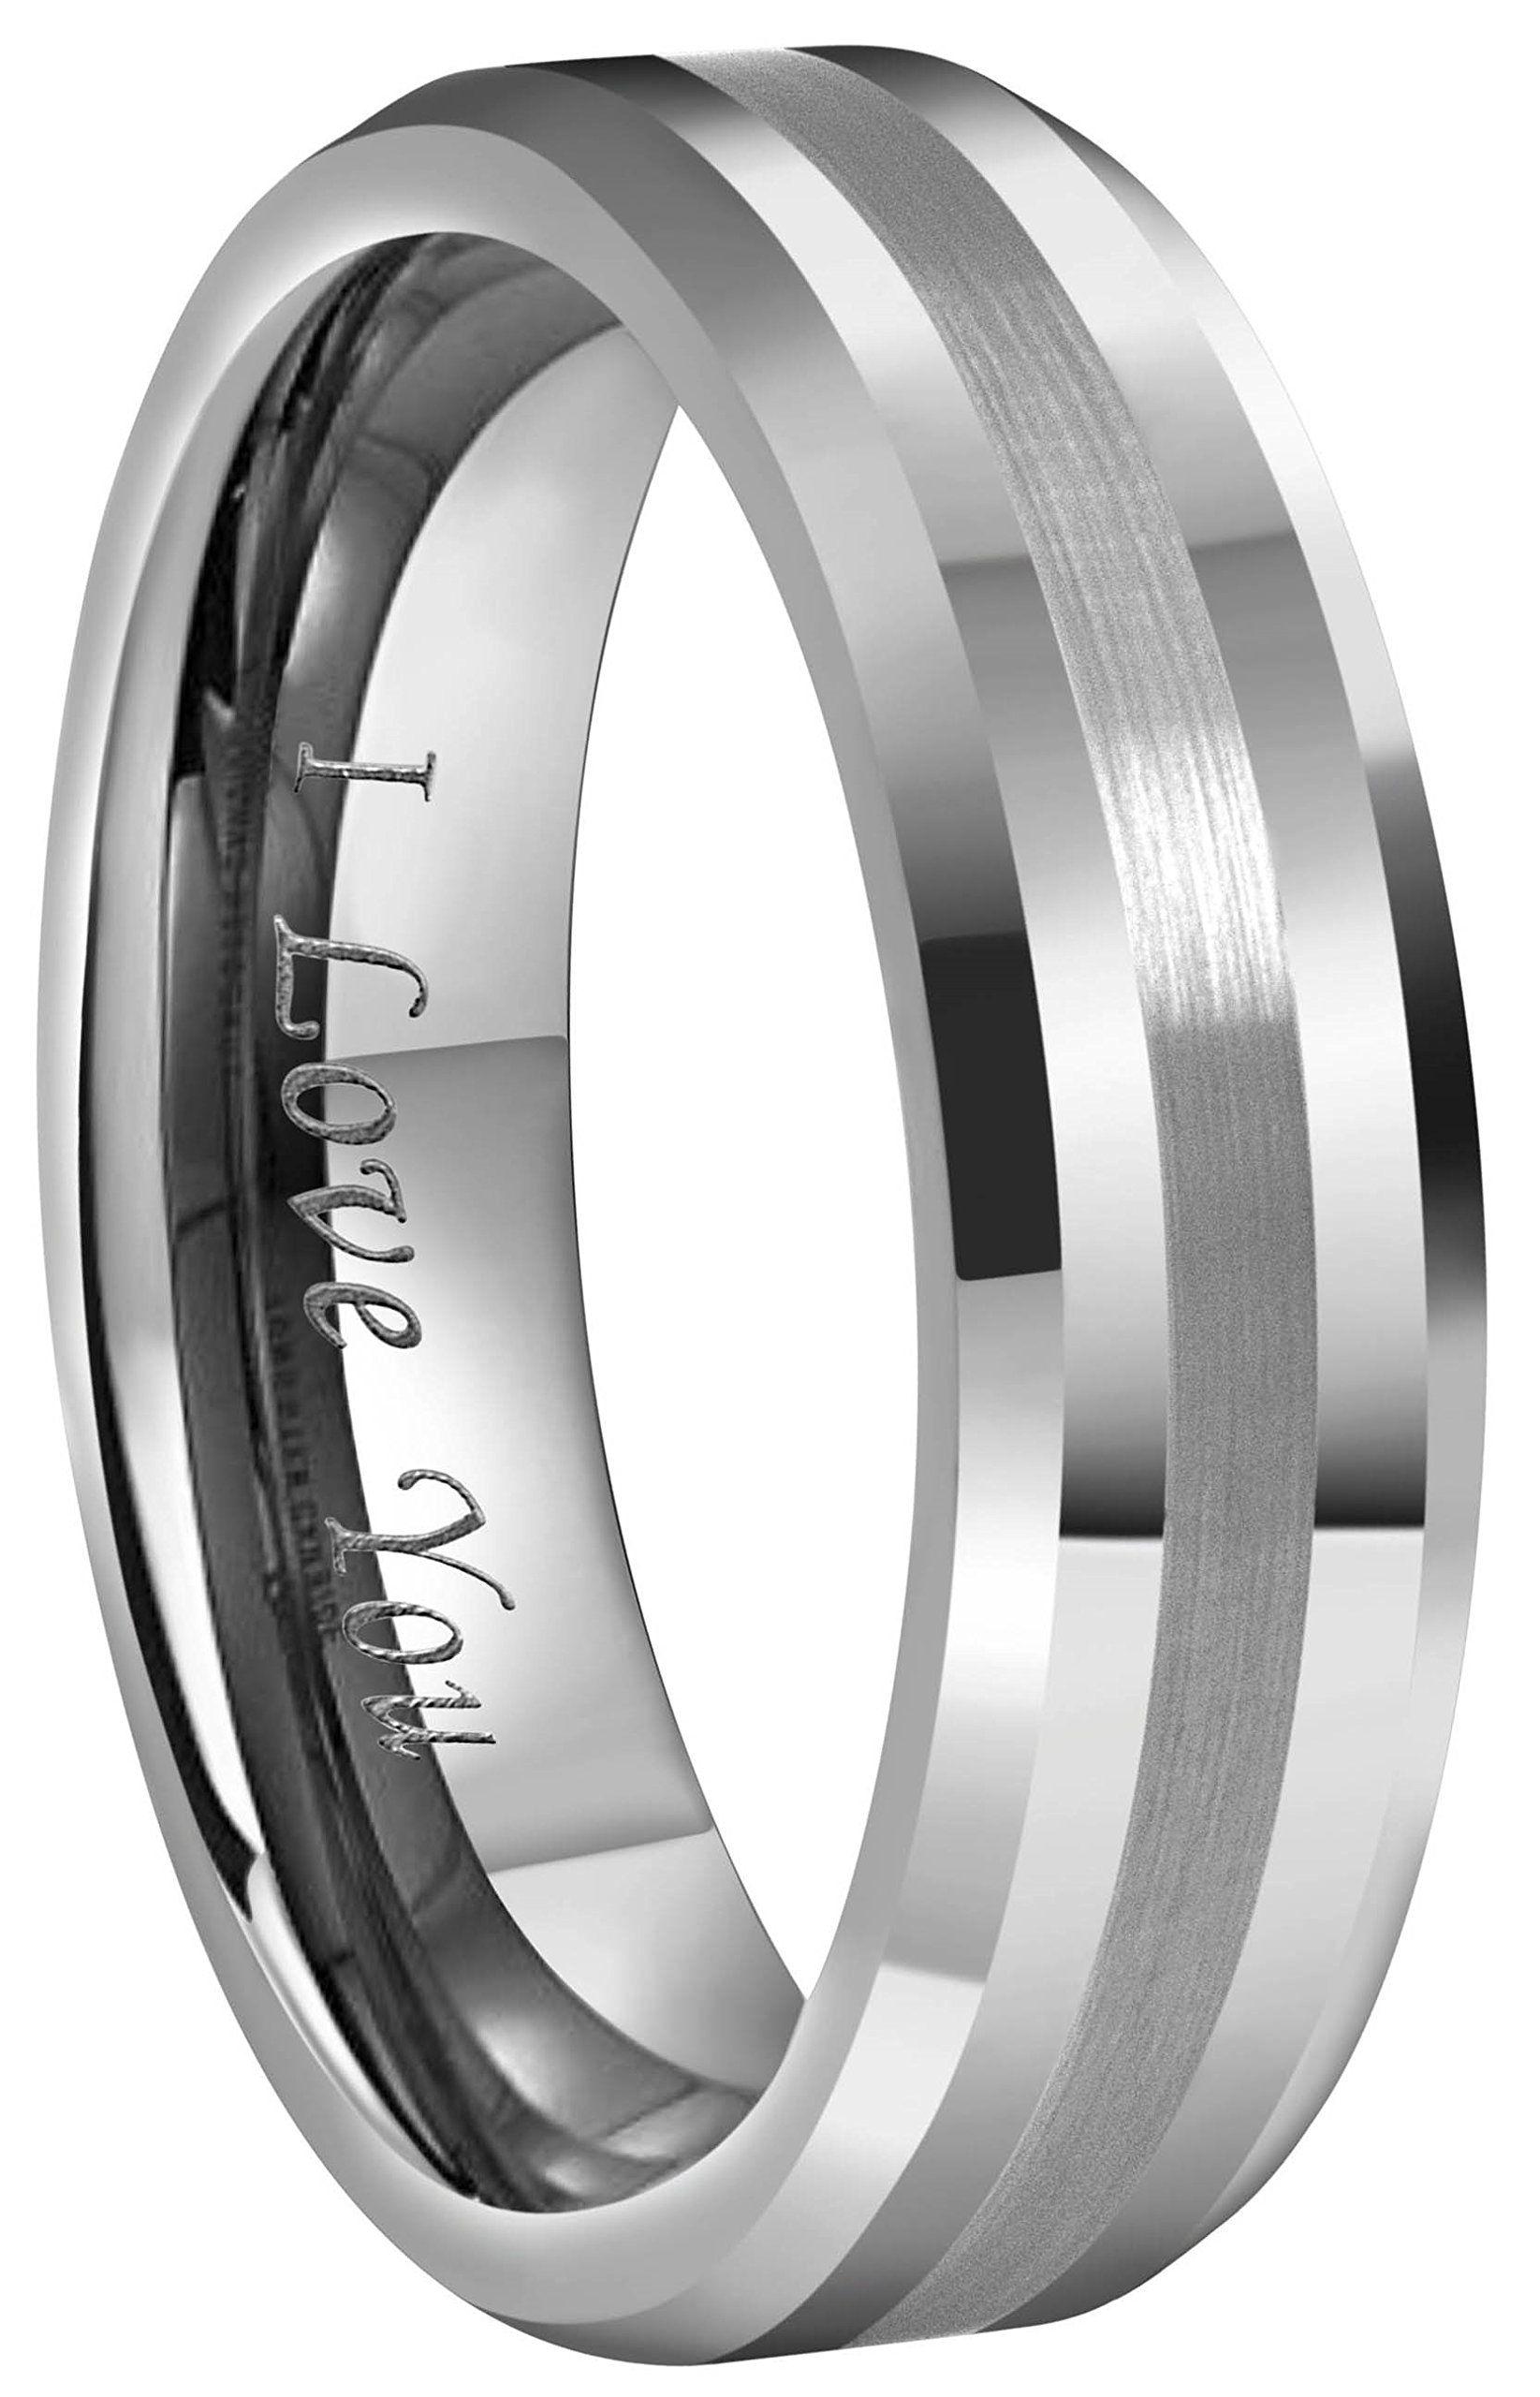 CROWNAL 6mm 8mm 10mm Silver/Gold Tungsten Carbide Wedding